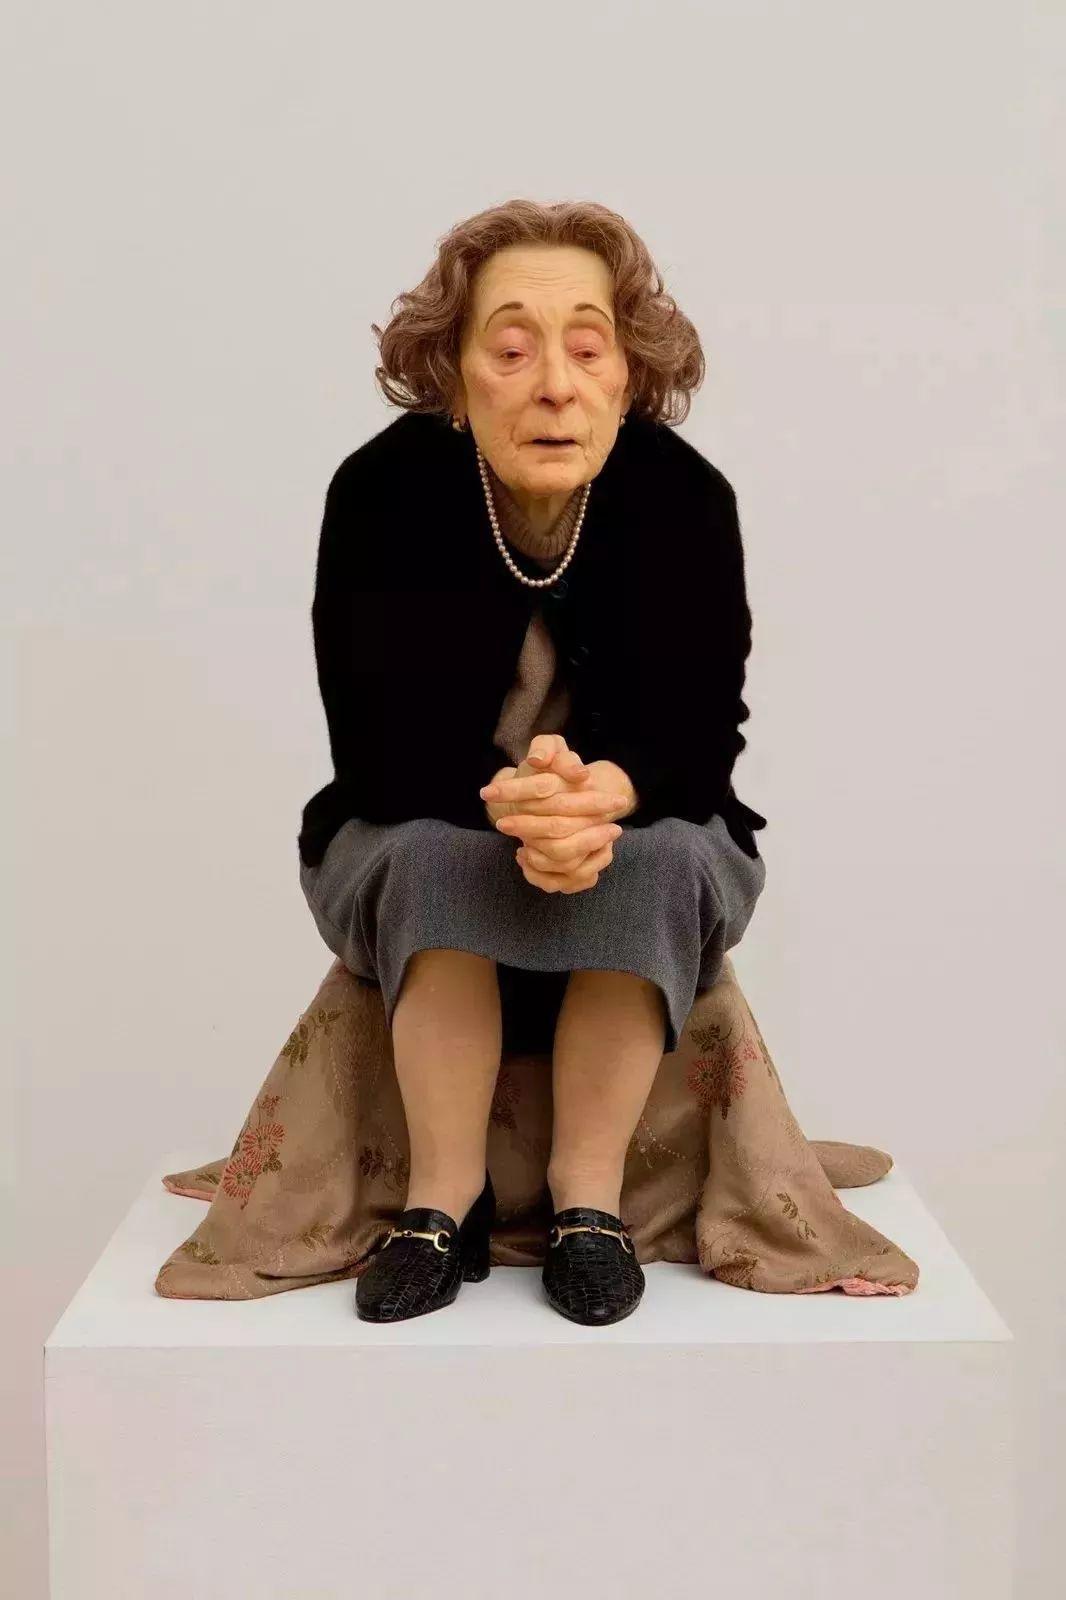 超震撼的人体雕塑,真实到毛骨悚然!插图67